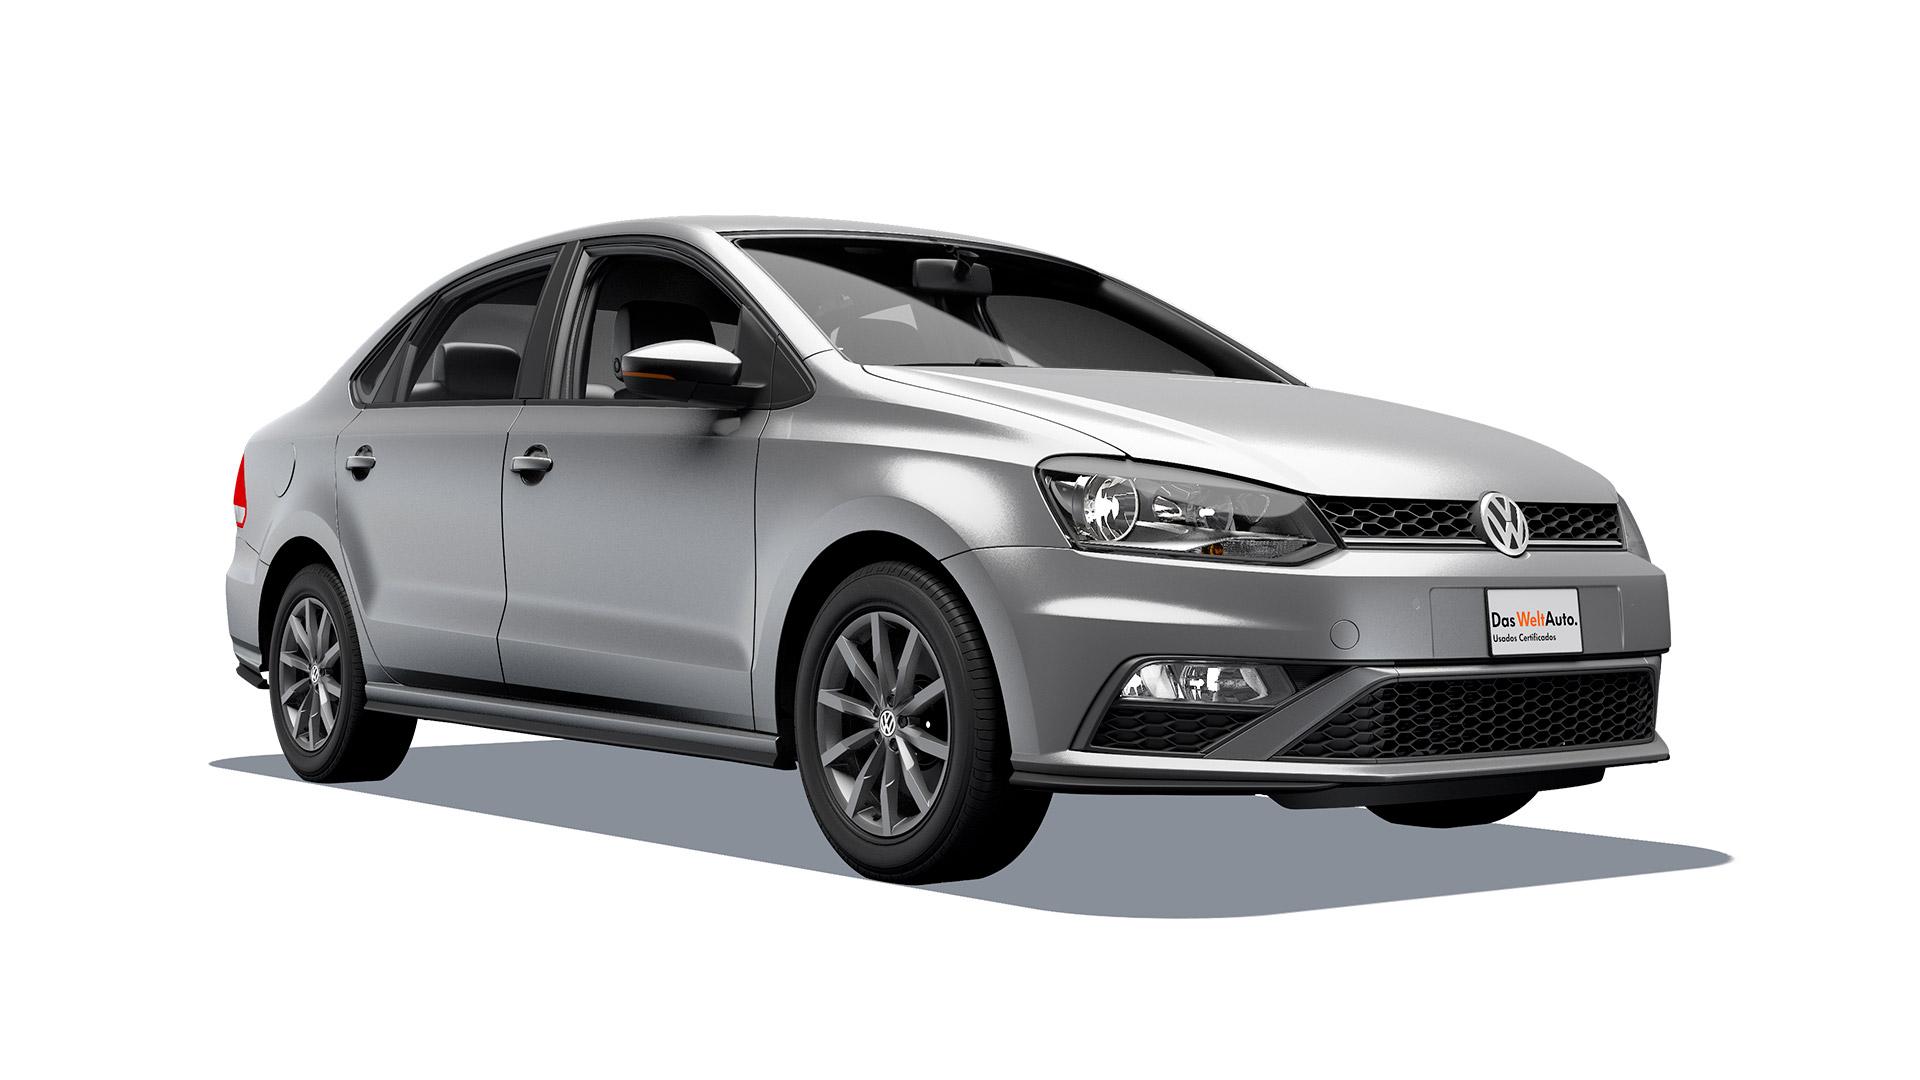 Adquiere un VW Vento seminuevo con la garantía Das WeltAuto.